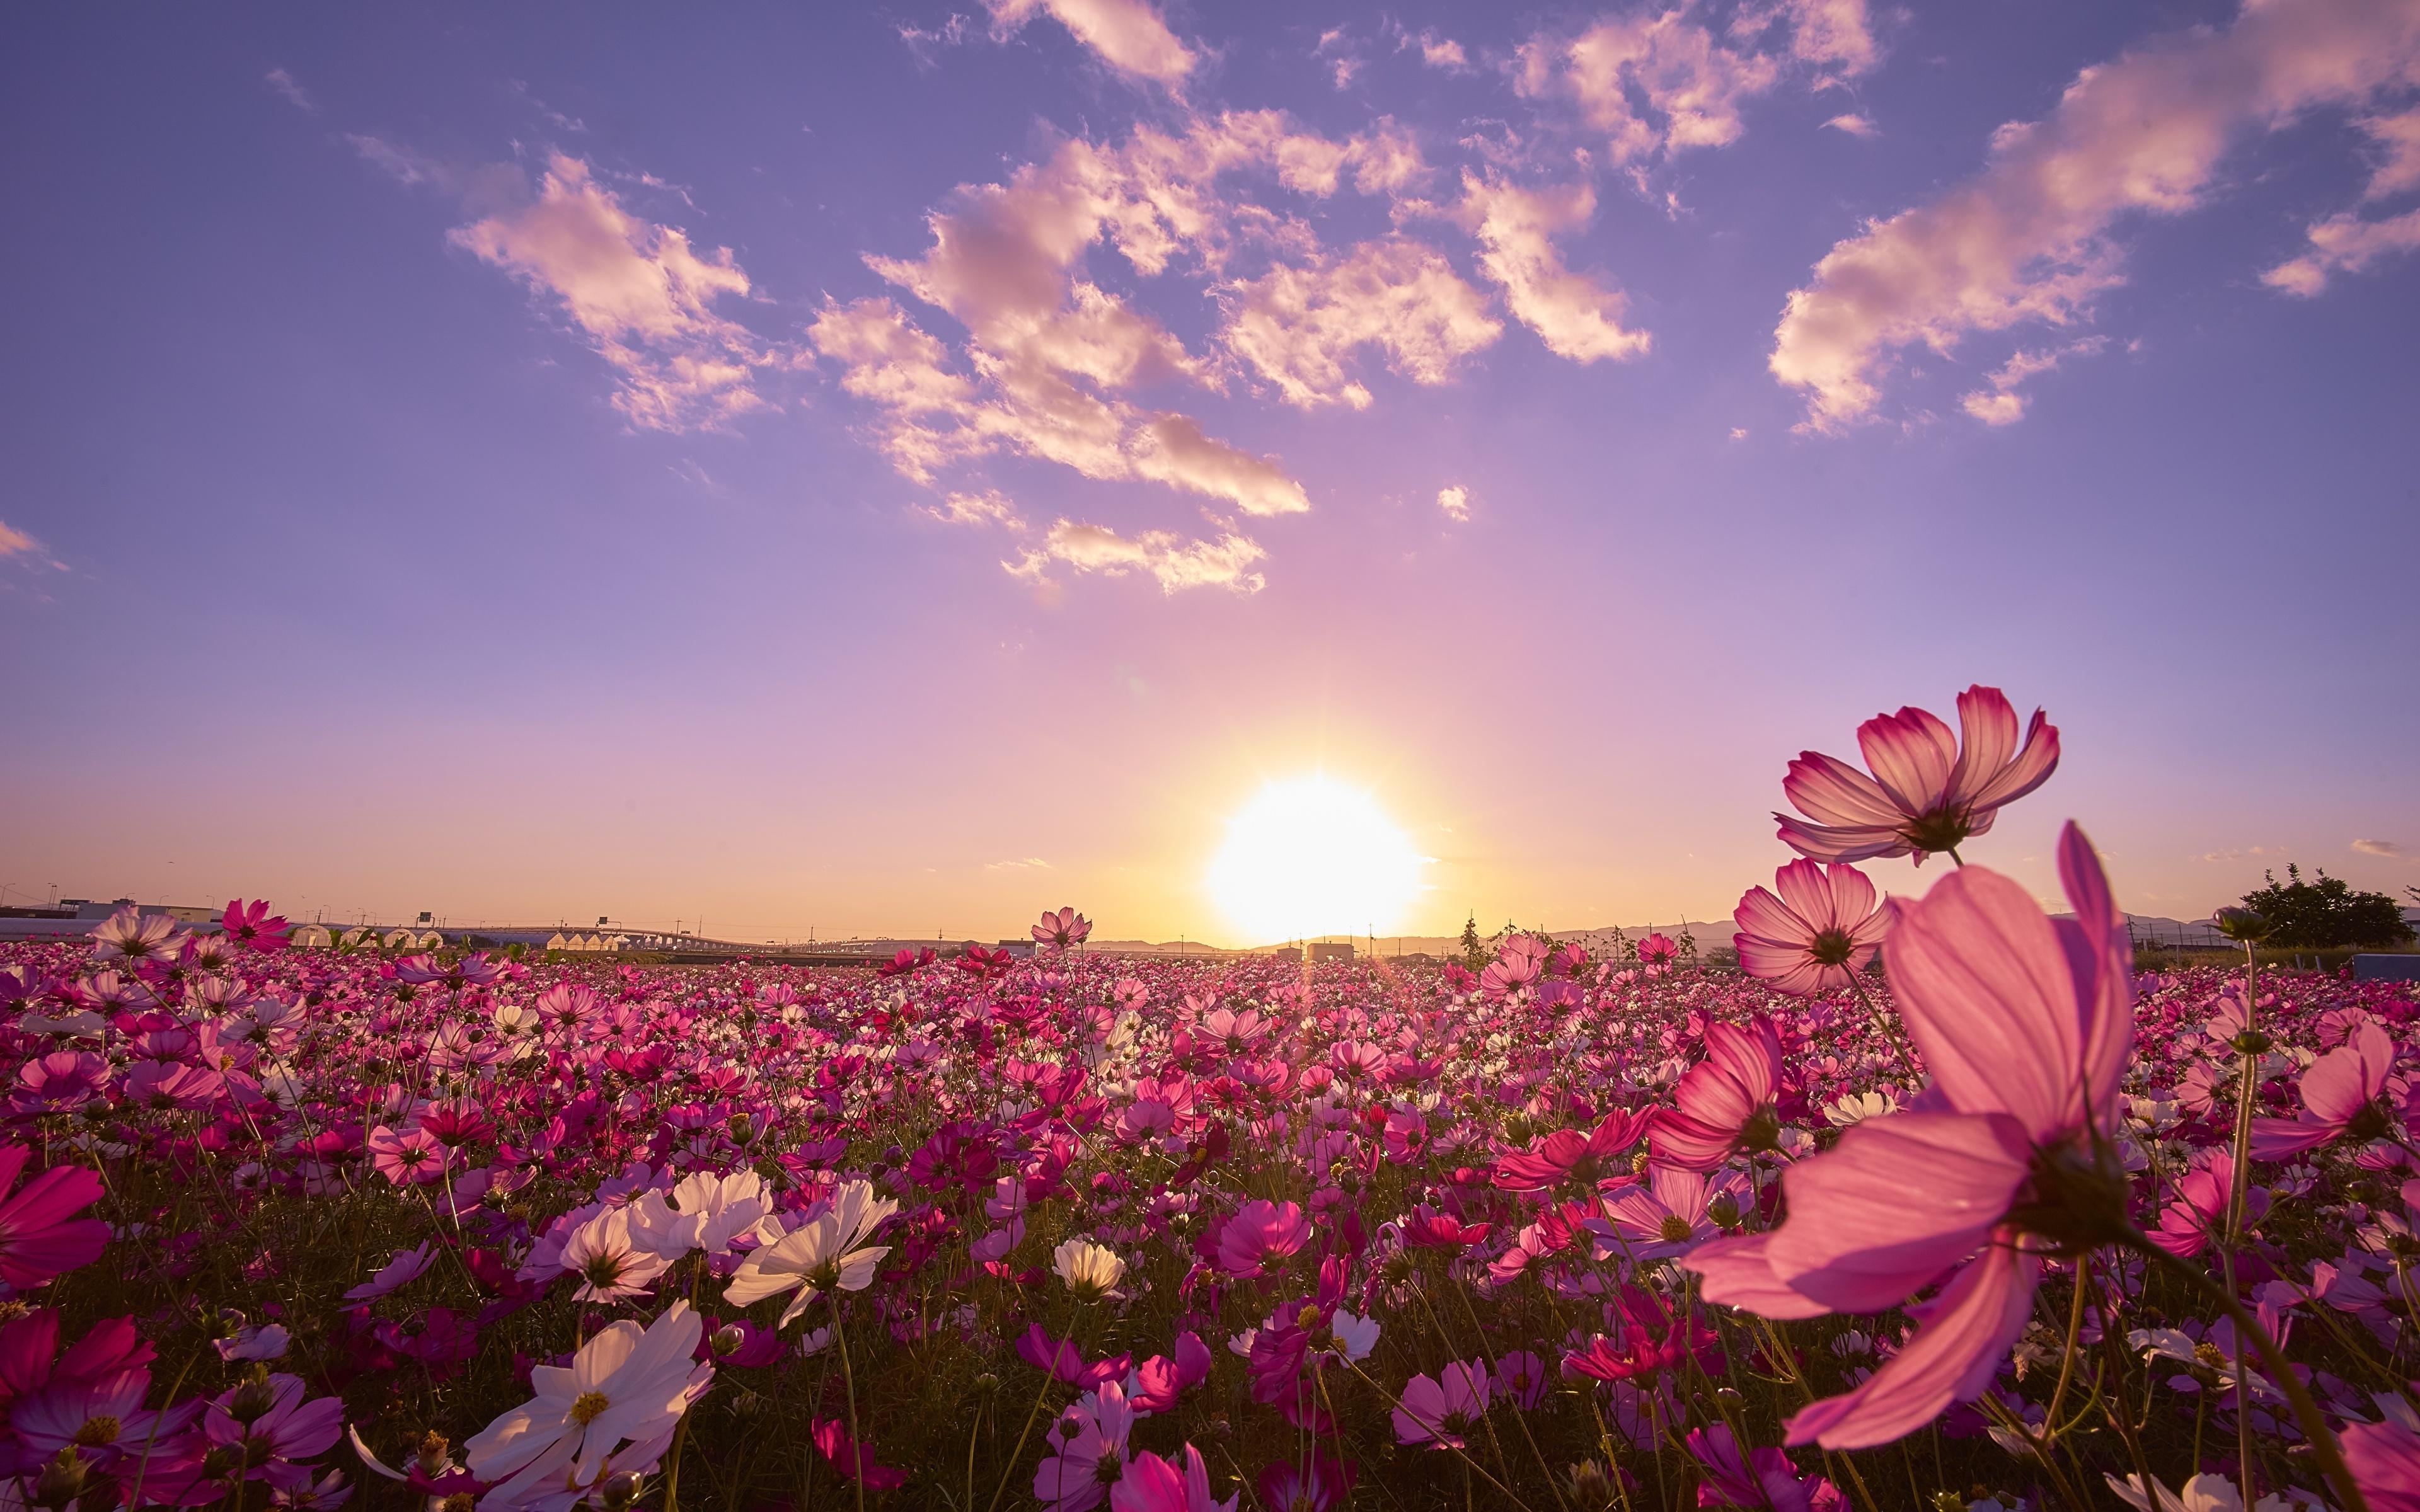 природа цветы трава мельниц восход солнце  № 2556635 без смс